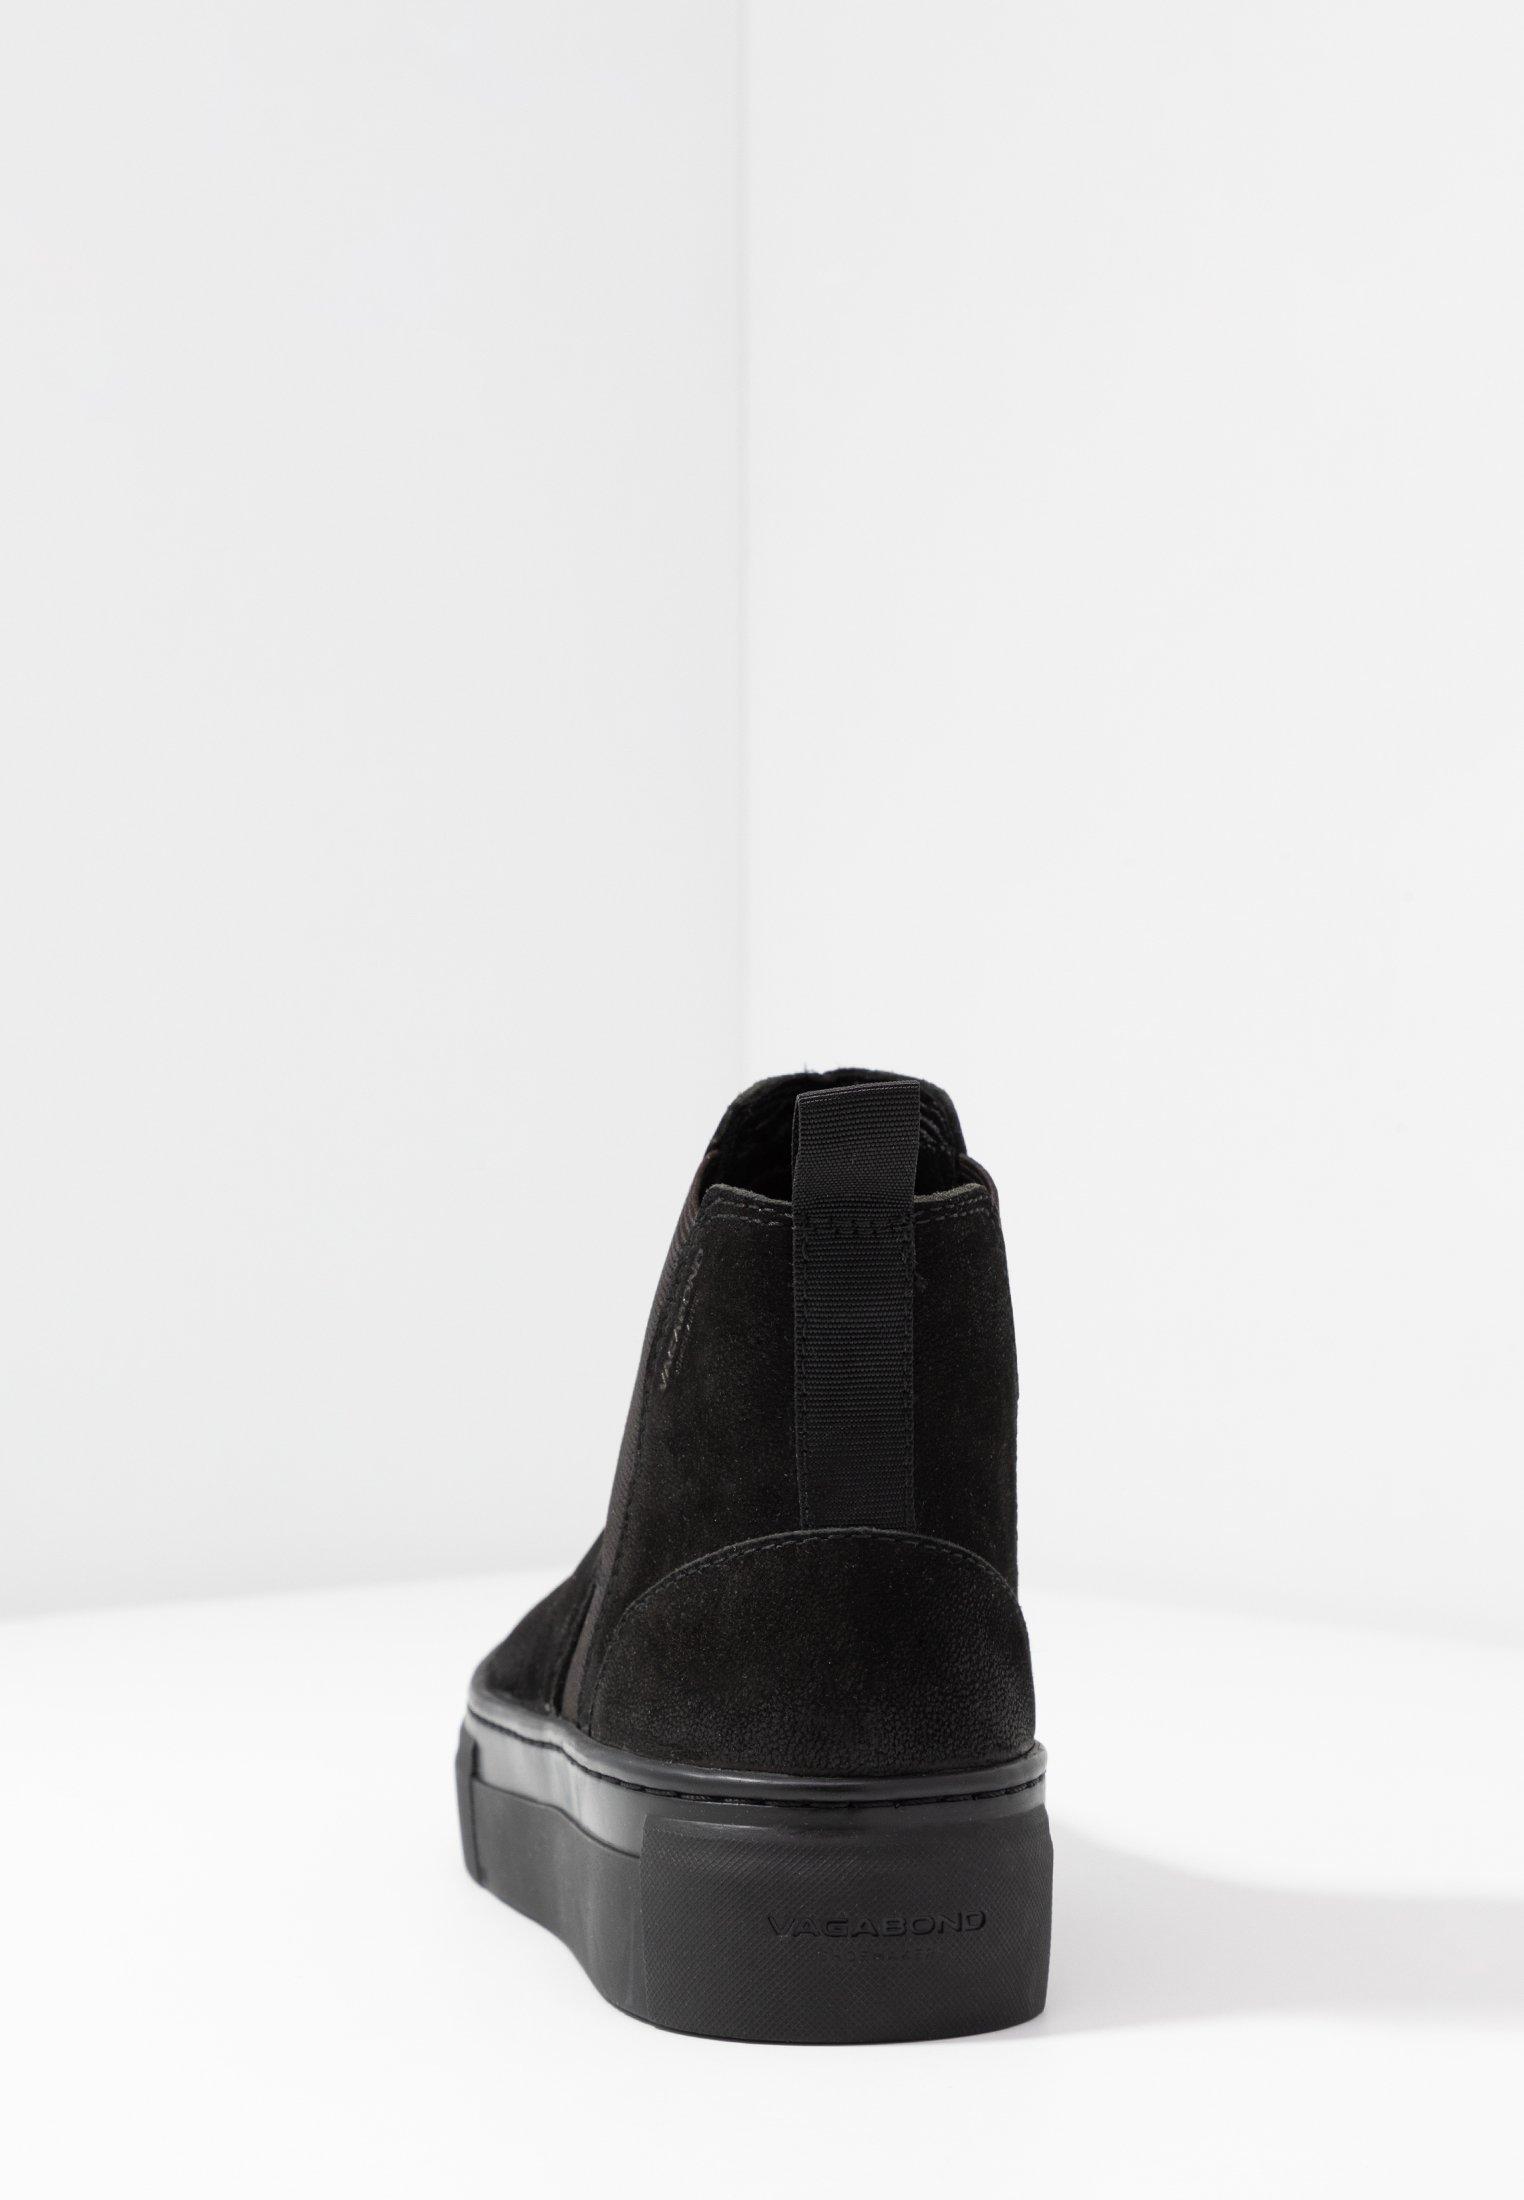 ZOE PLATFORM Ankelboots black